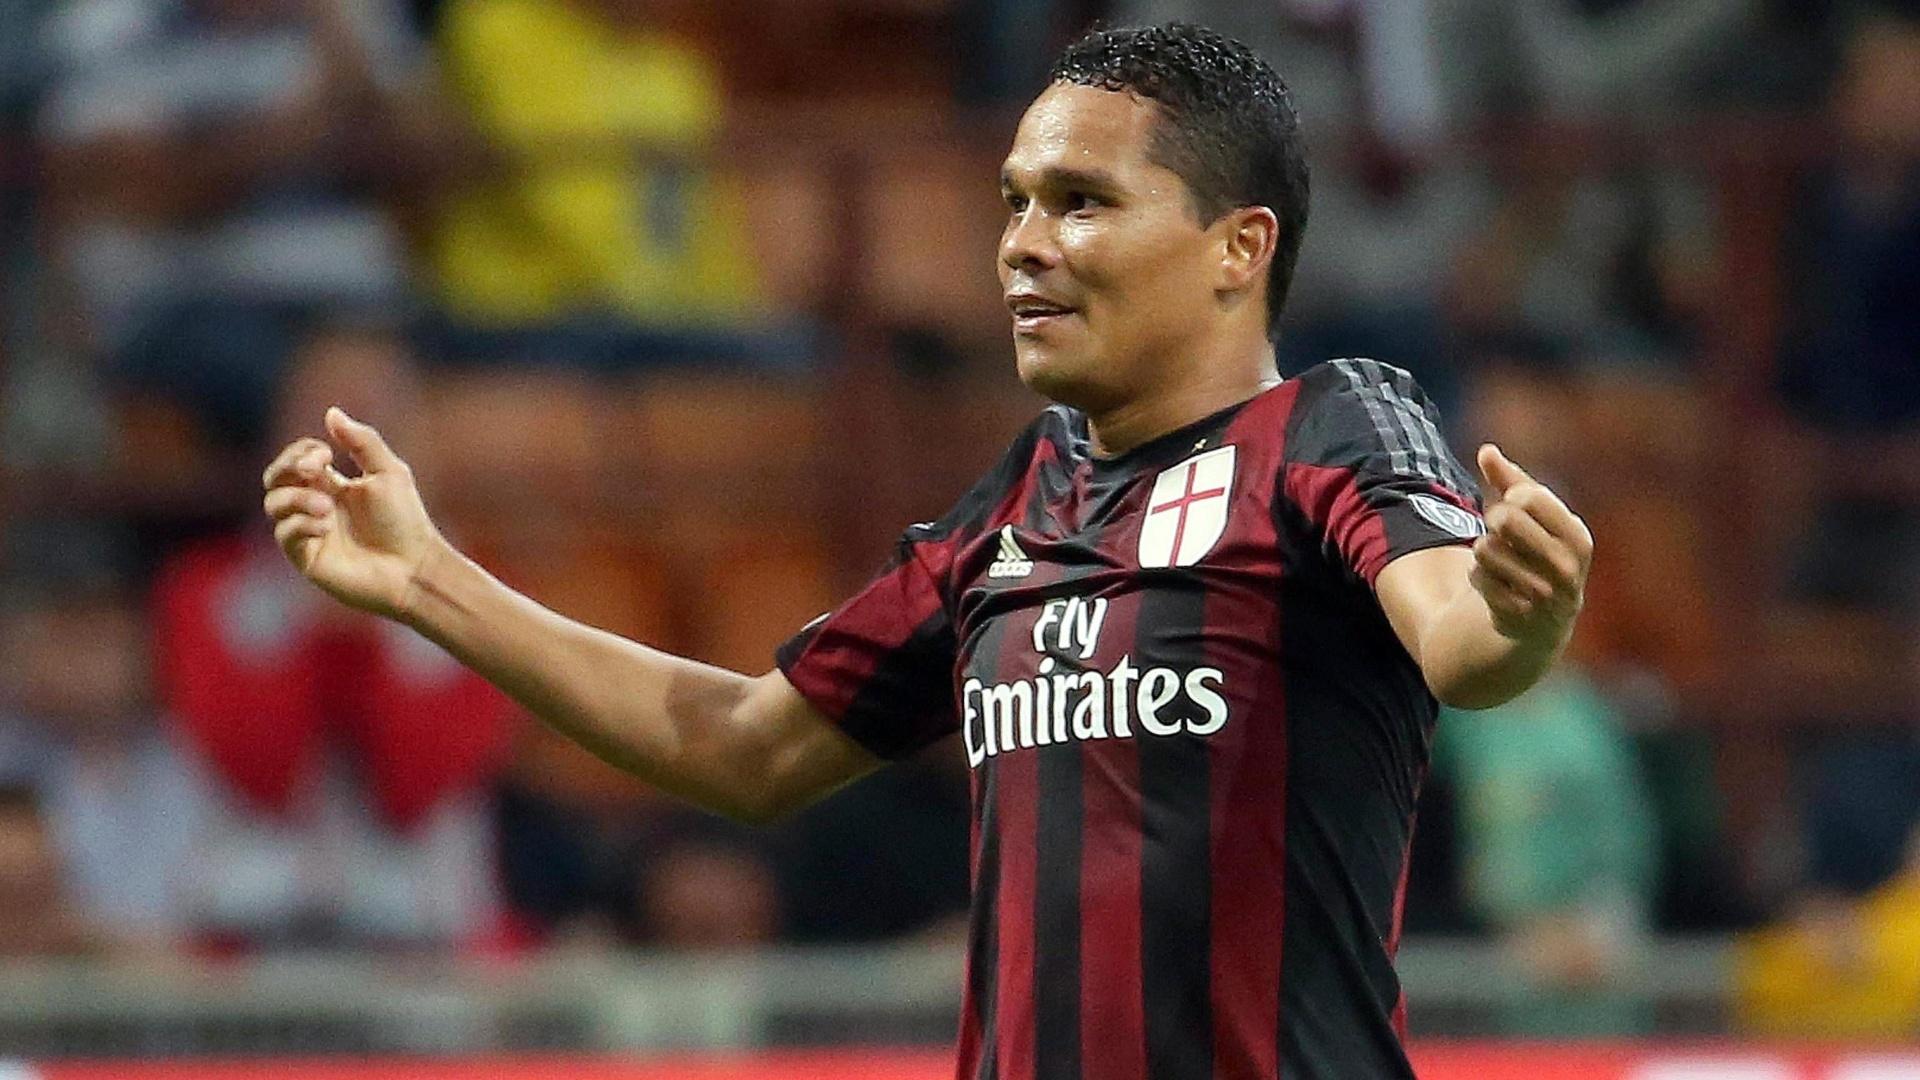 Carlos Bacca marca duas vezes na vitória do Milan sobre o Palermo pelo Campeonato Italiano